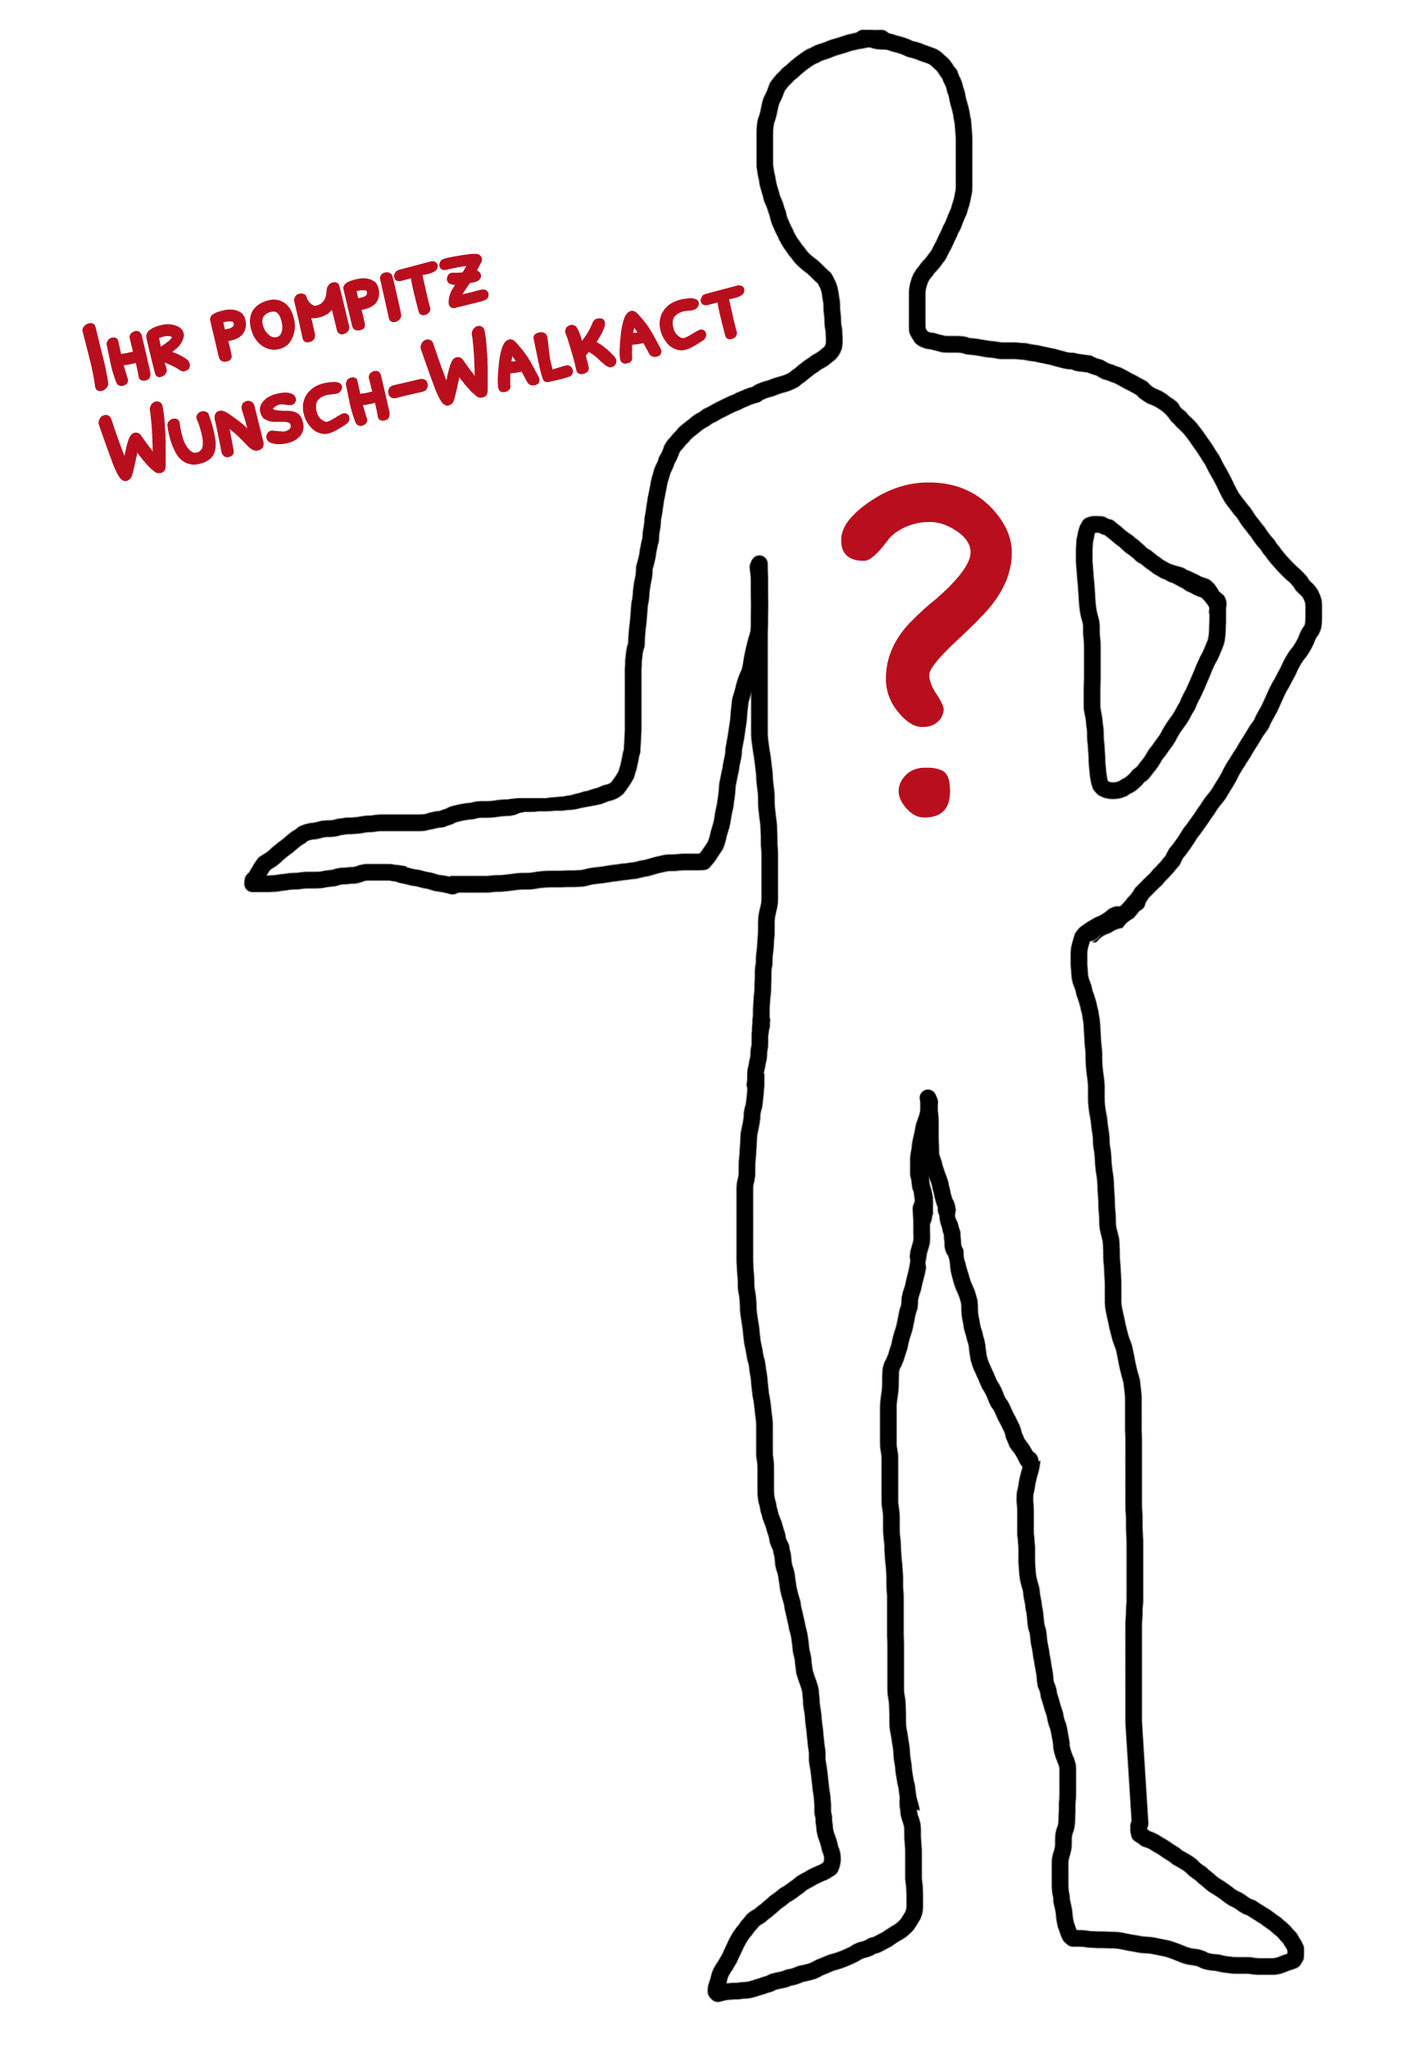 Ihr Wunsch-Walkact